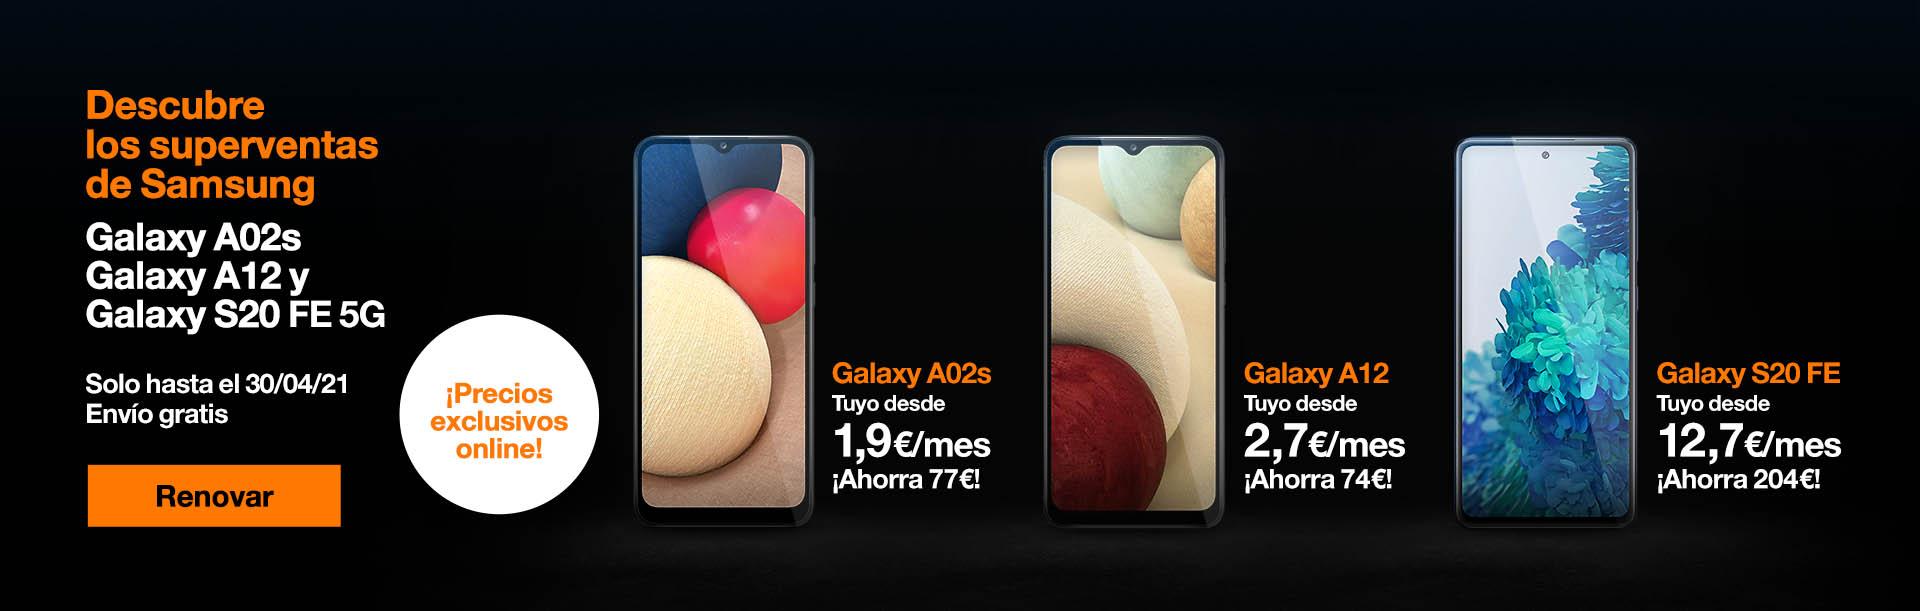 ¡Aprovecha nuestros descuentos y novedades en toda la gama Samsung! Solo hasta el 30/04/21